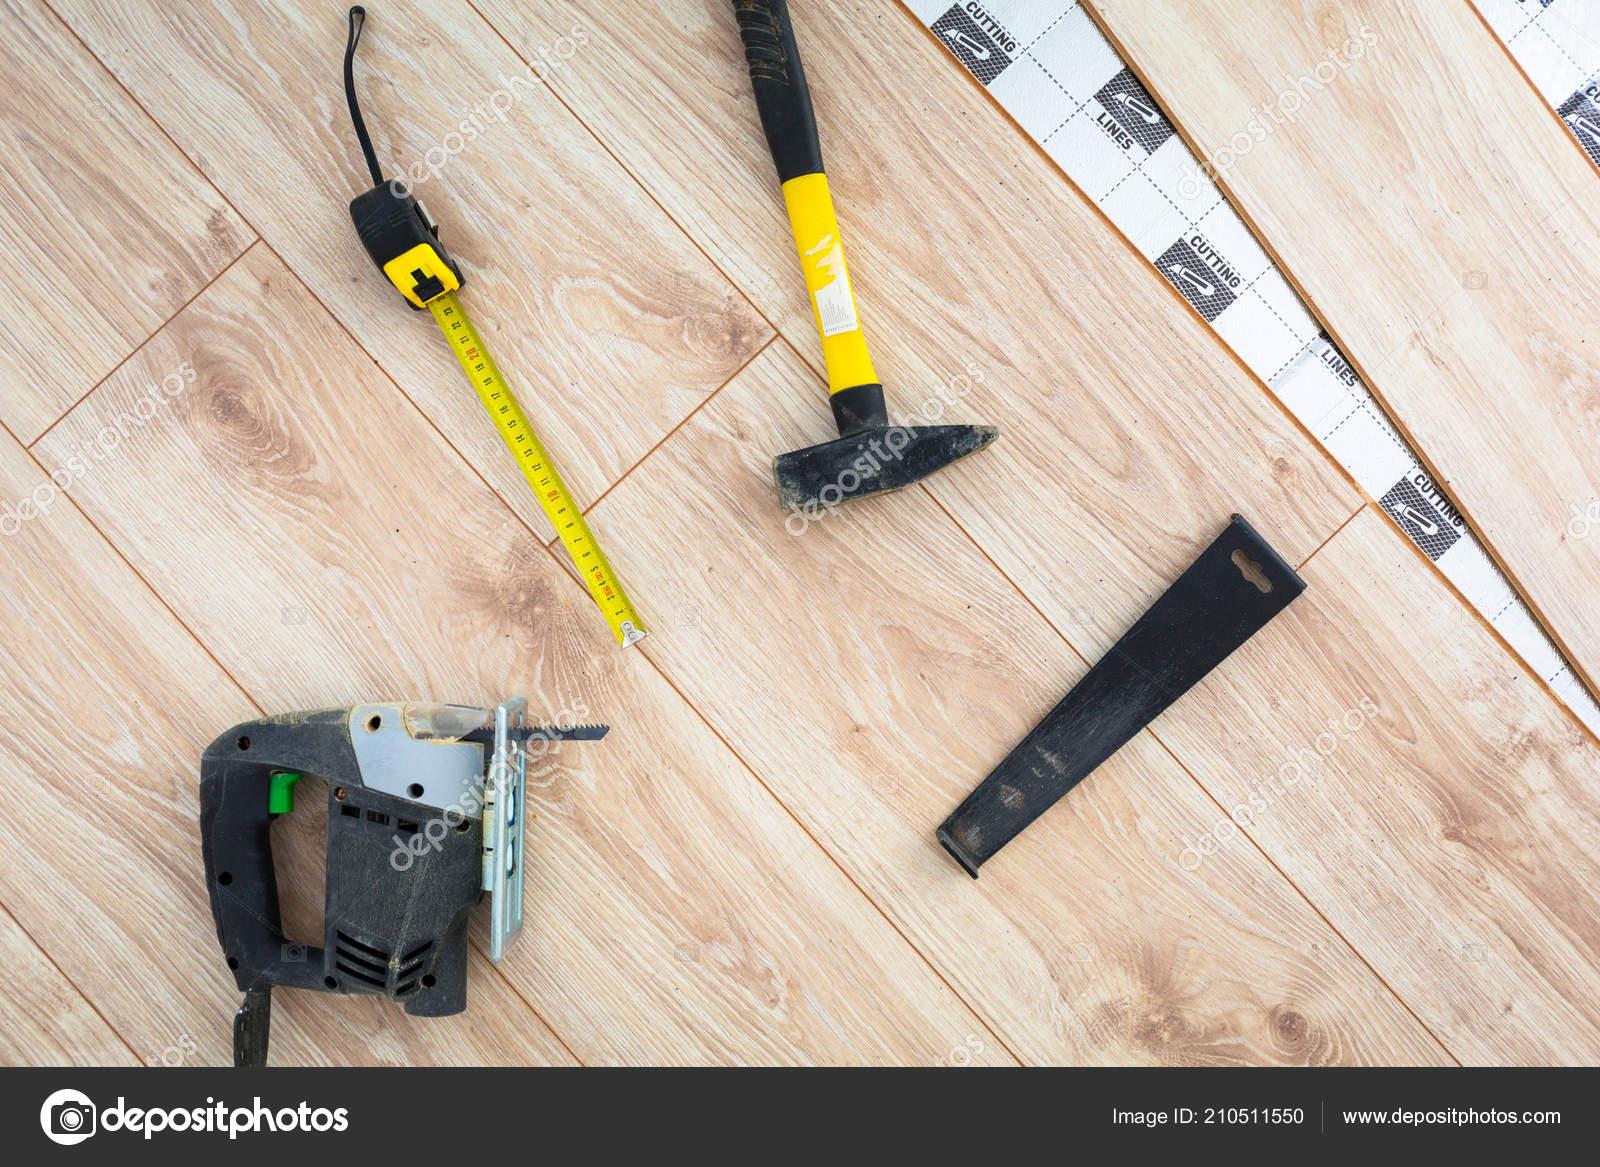 Nieuwe Houten Vloer : Instalation van nieuwe houten vloer bij thuis u stockfoto